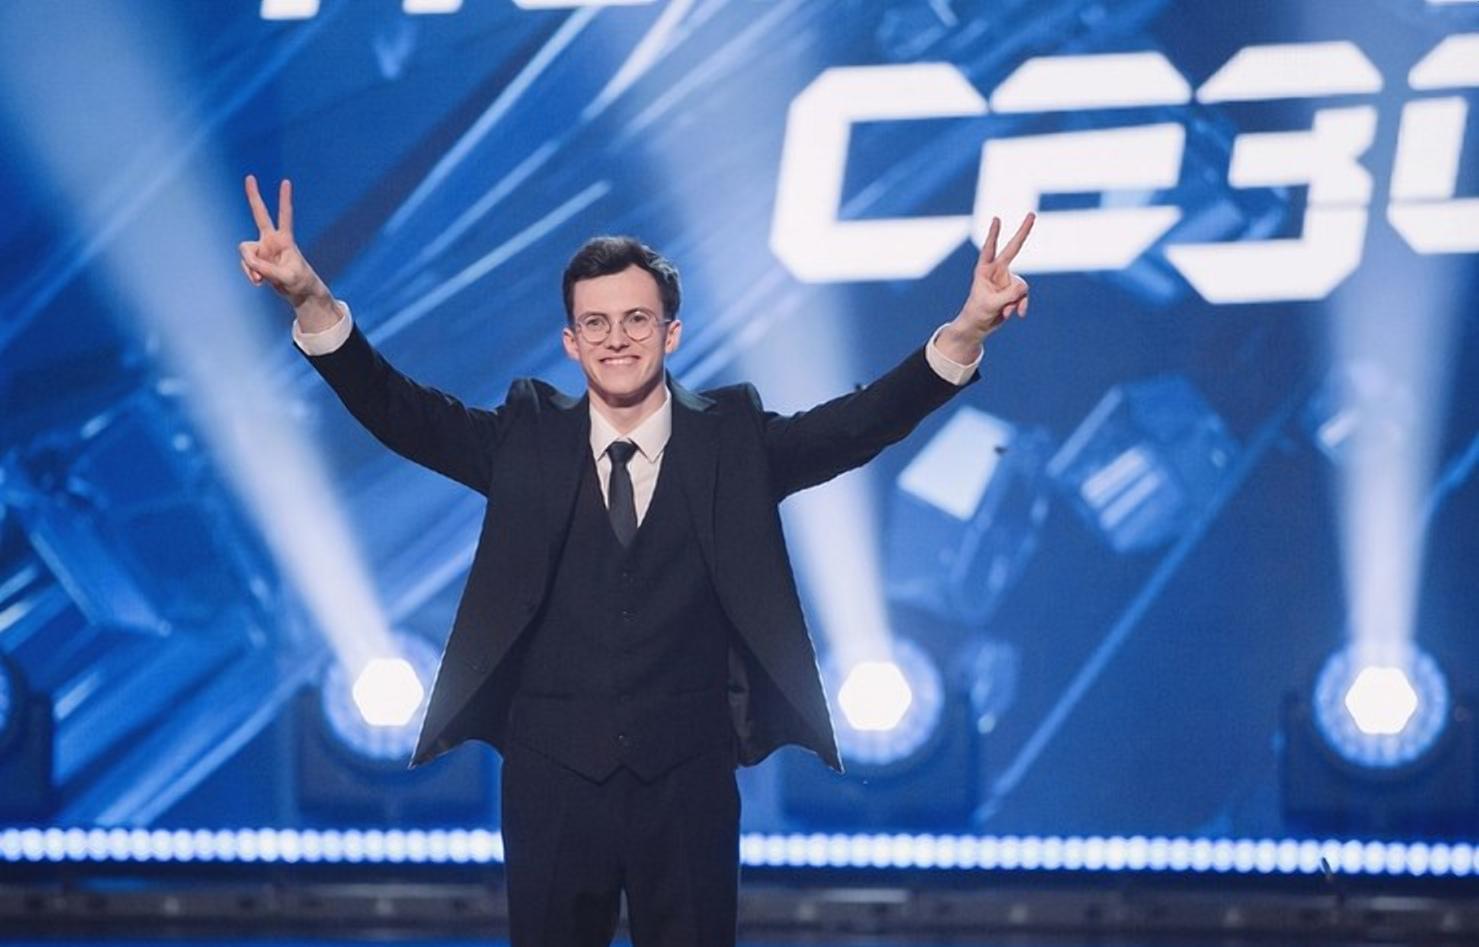 Уроженец Тверской области Алексей Мечетный стал последним победителем шоу «Танцы» - новости Афанасий